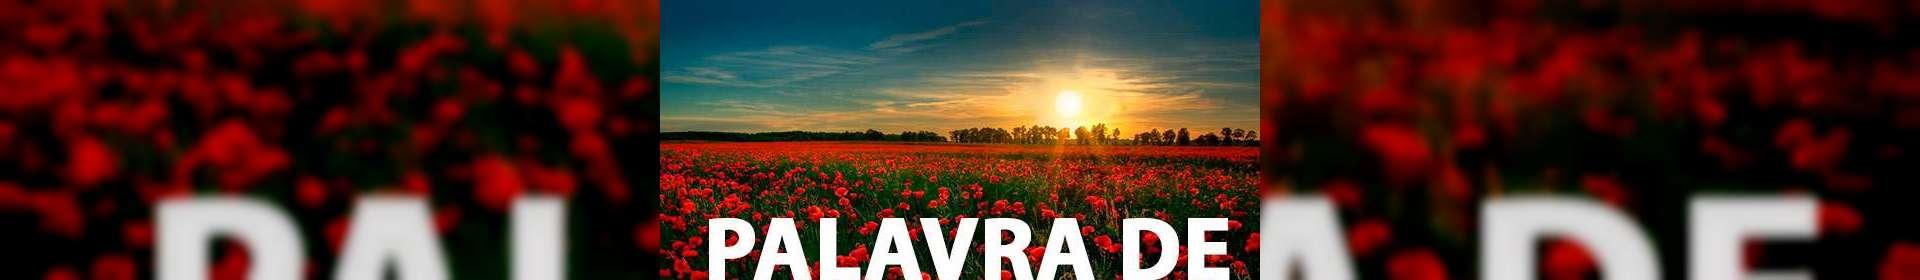 Salmos 32:7,11 - Uma Palavra de Esperança para sua vida